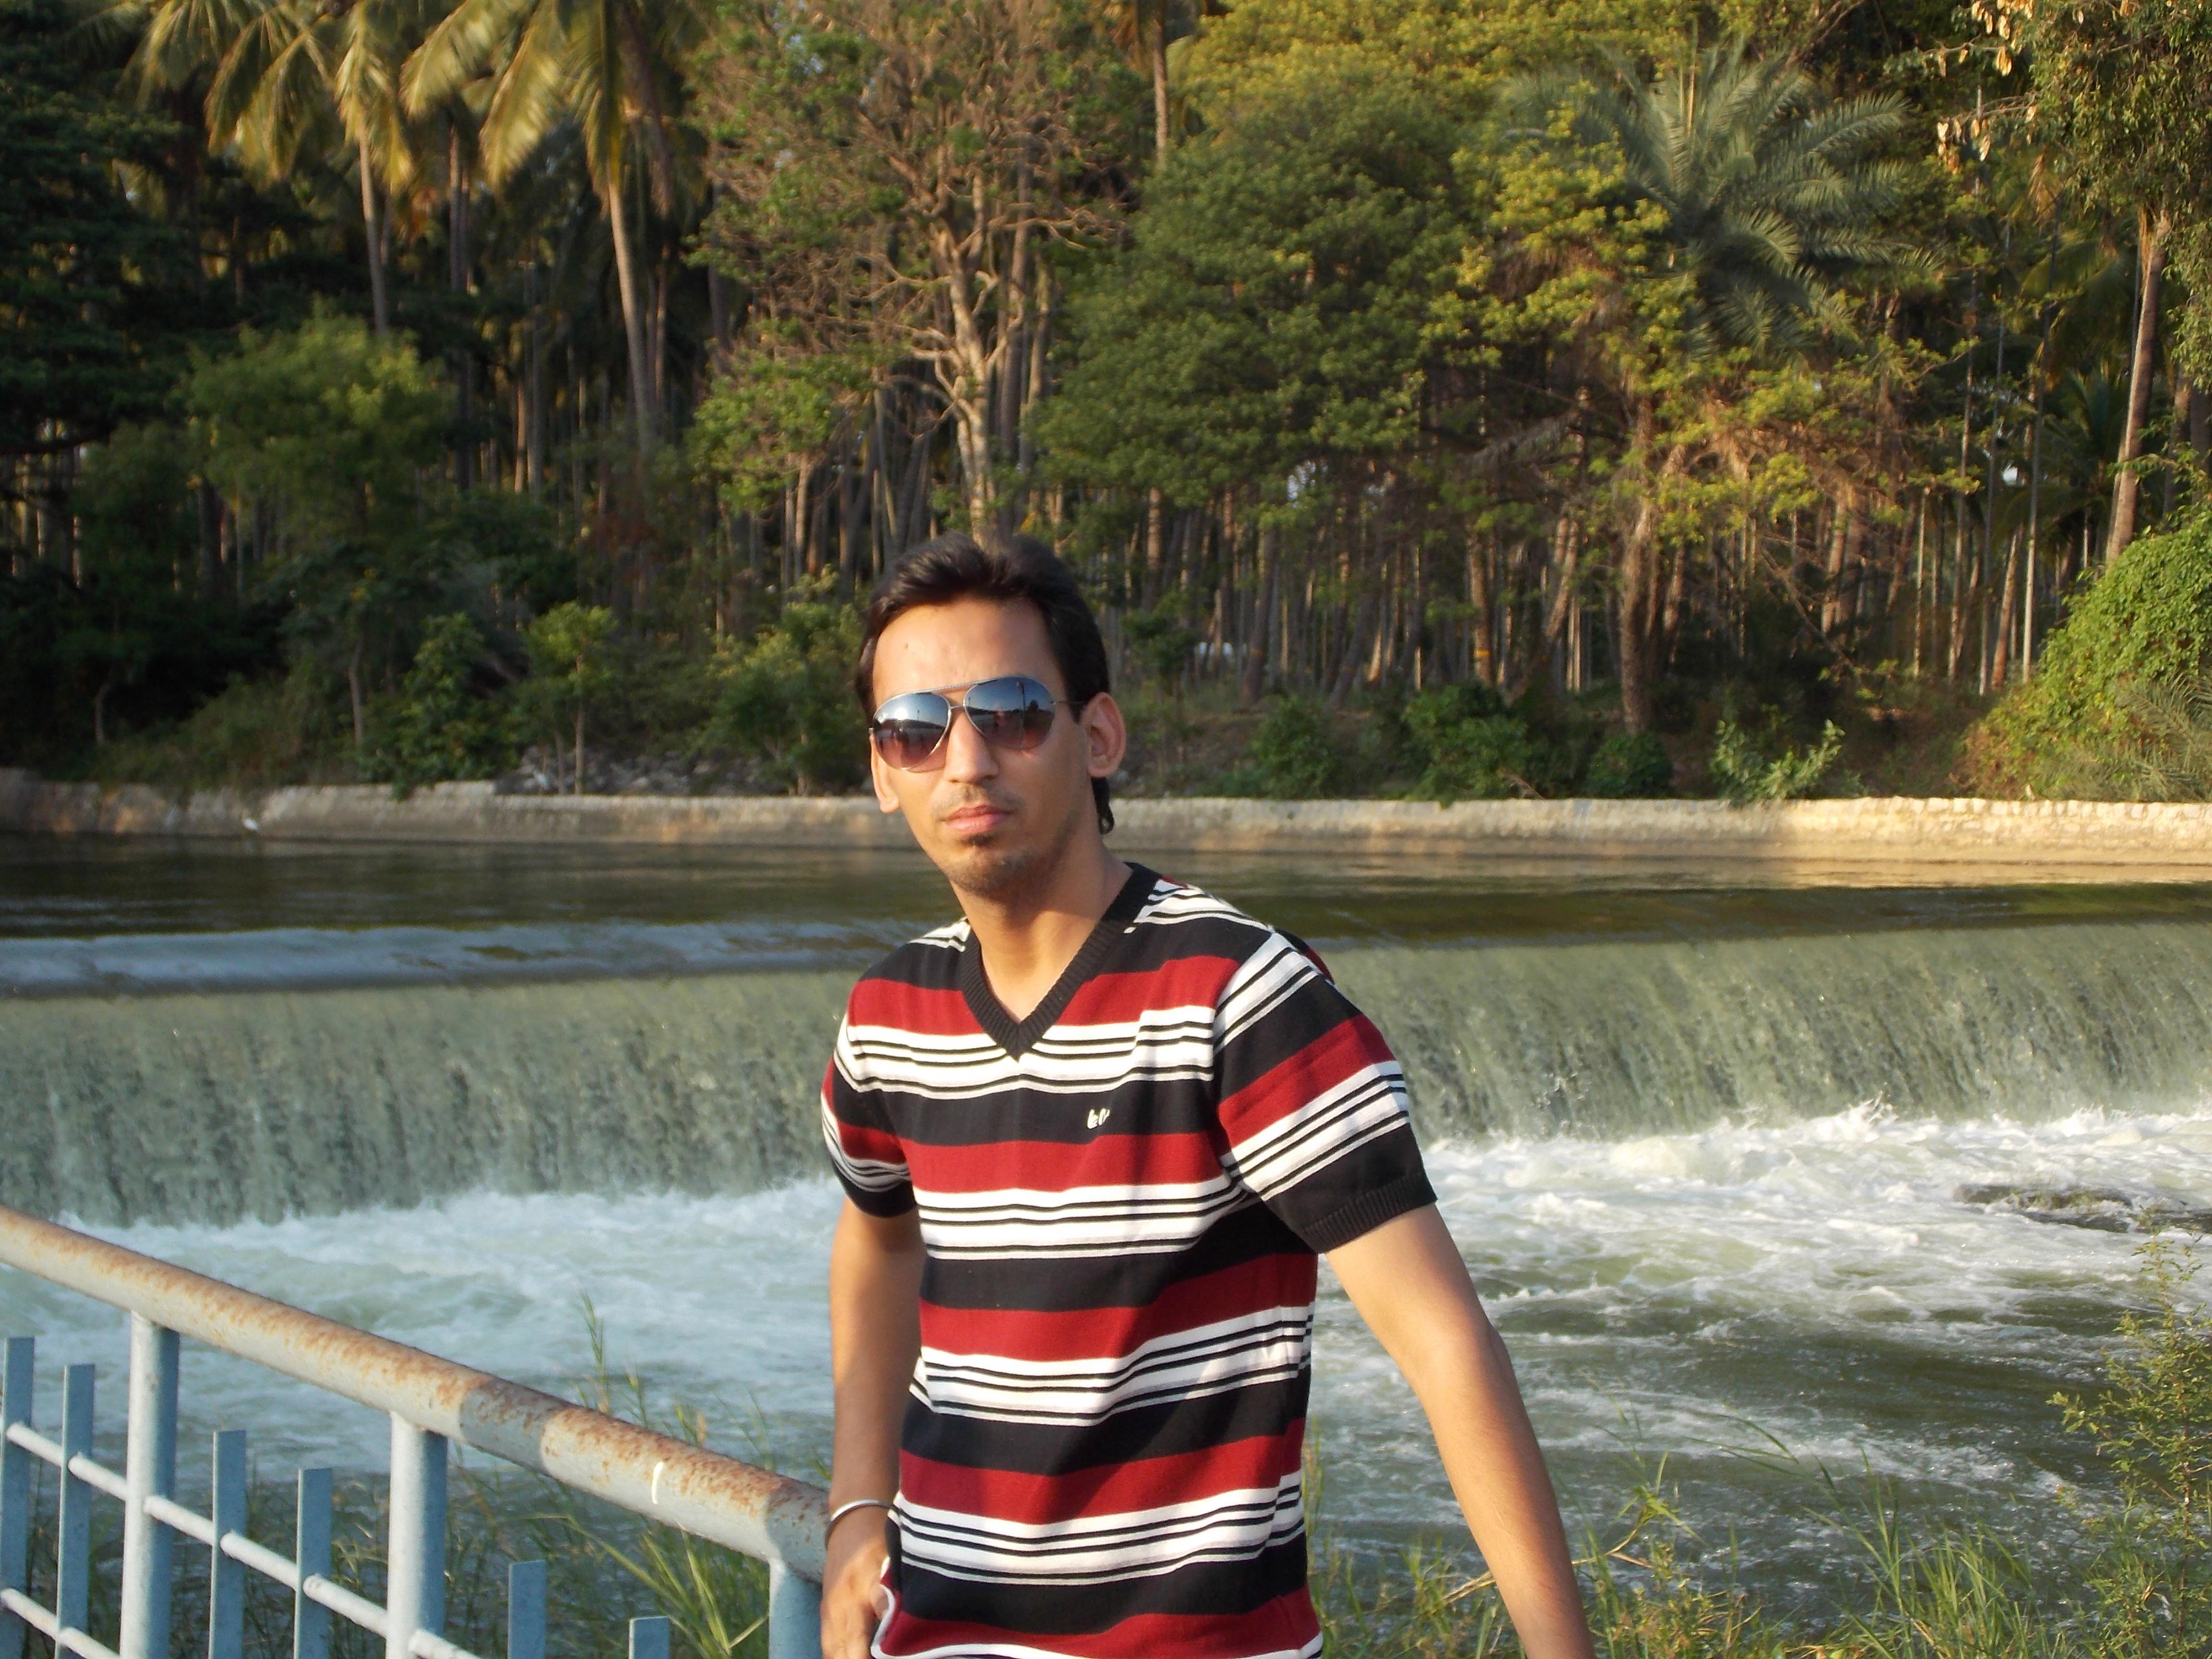 Pargat Singh Sidhu